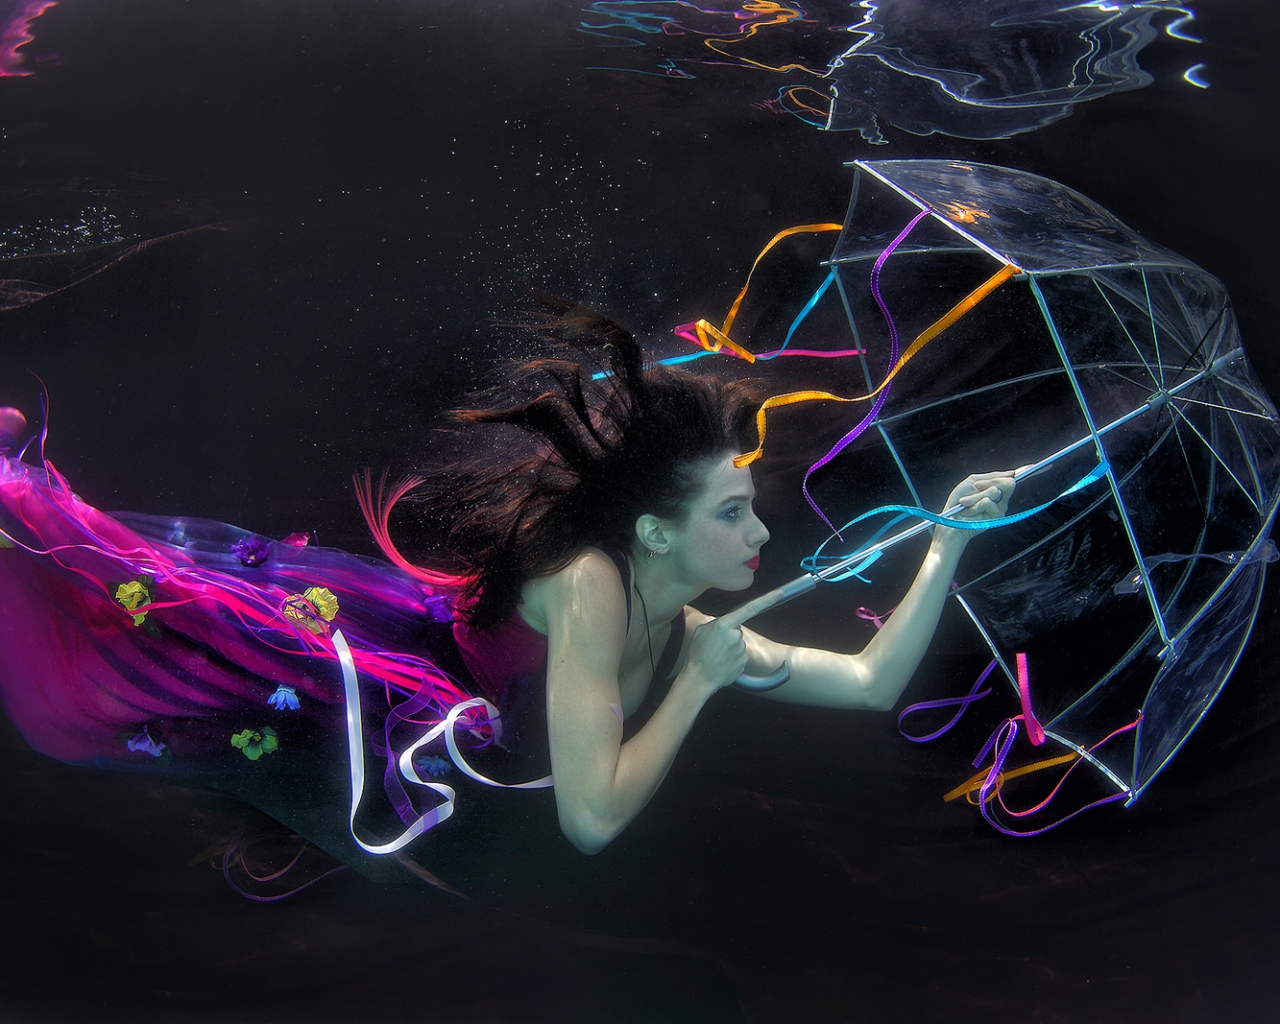 Una mujer bajo el agua - 1280x1024